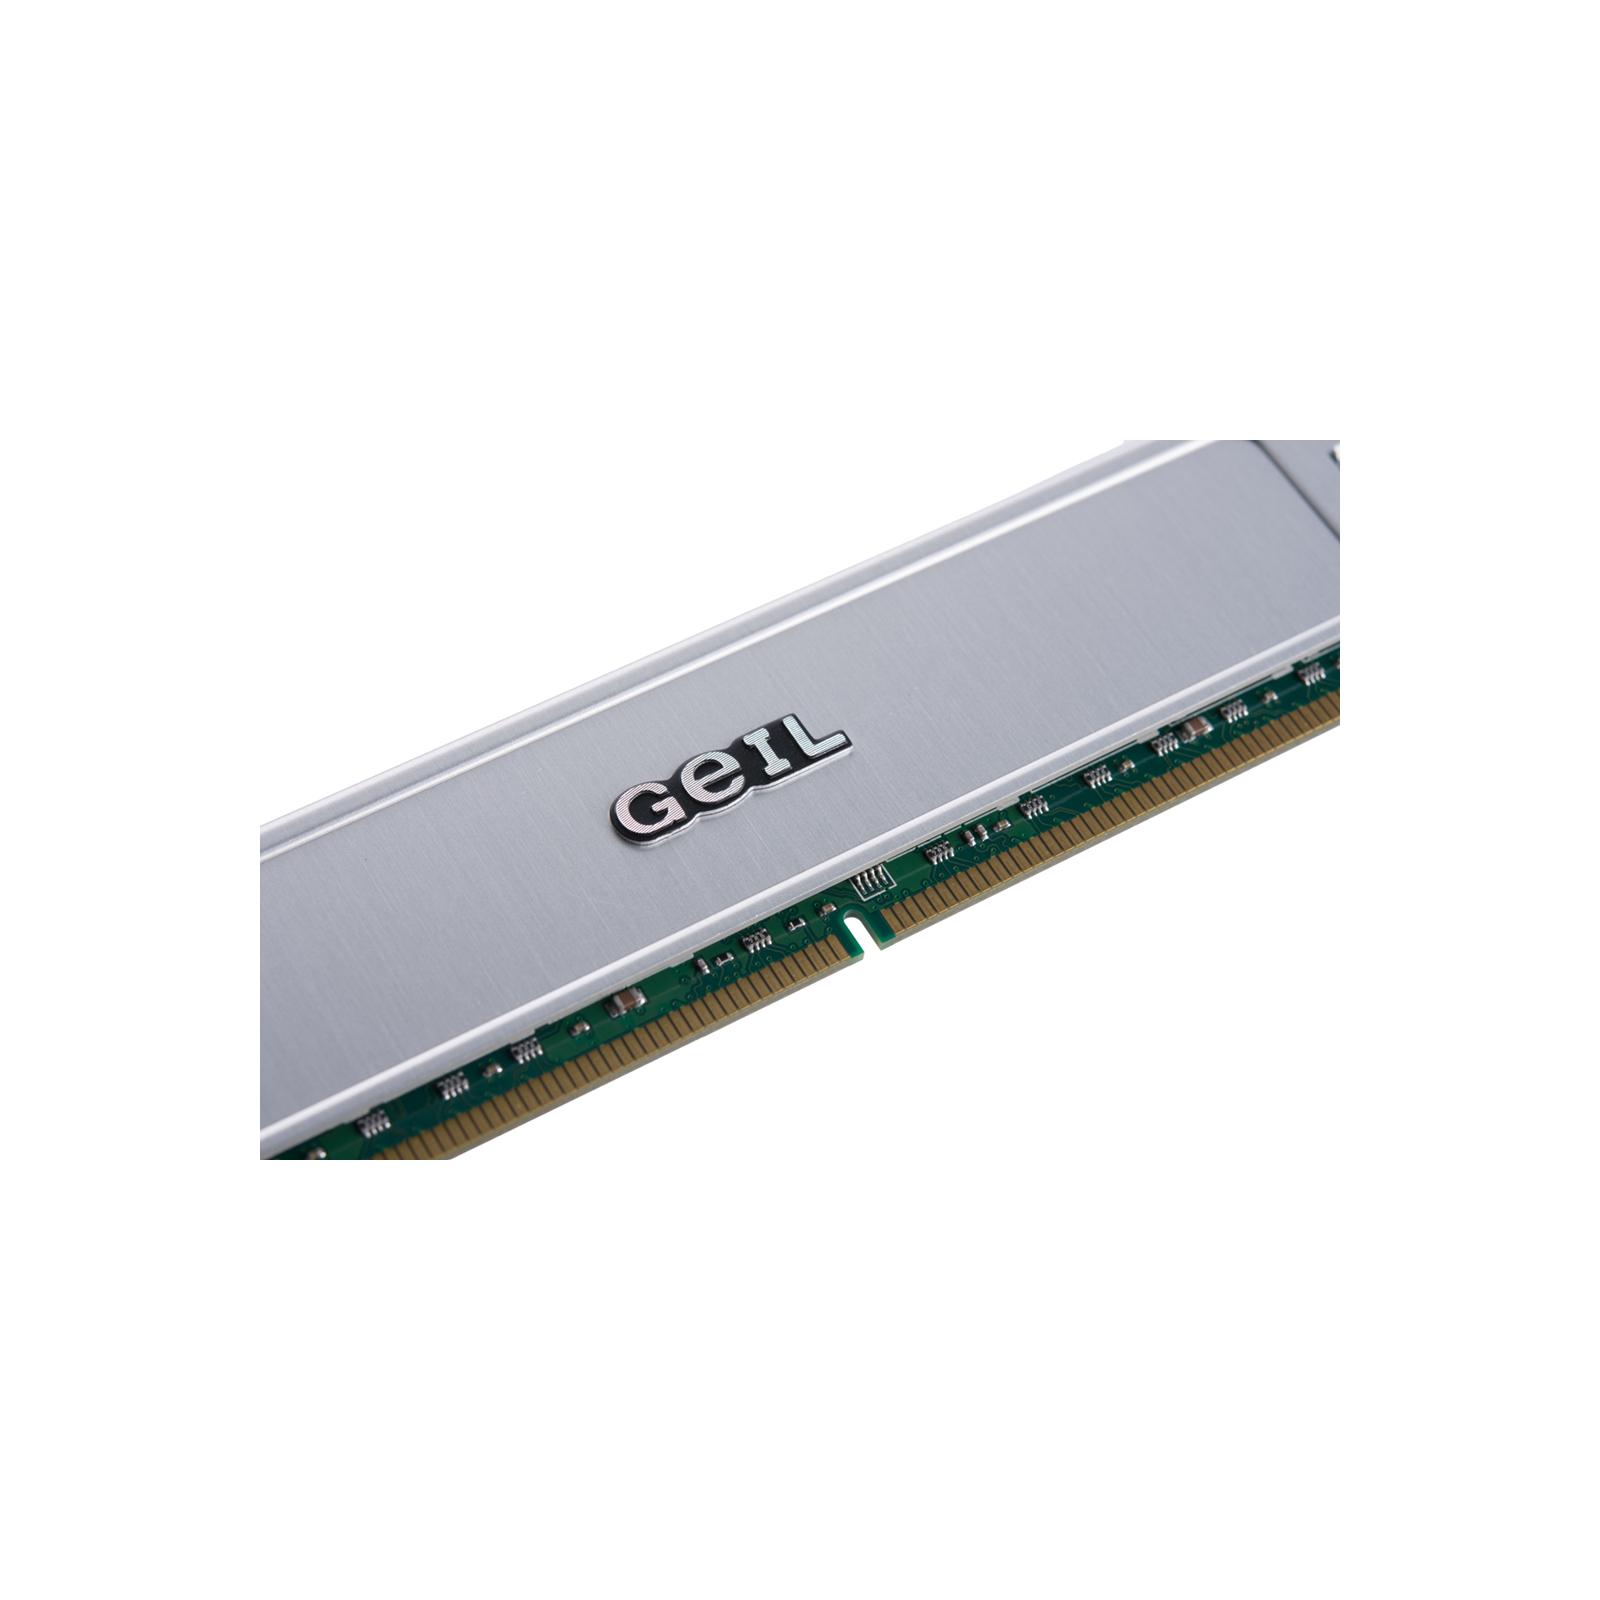 Модуль памяти для компьютера DDR2 4GB (2х2GB) 800 MHz GEIL (GX24GB6400DC) изображение 3